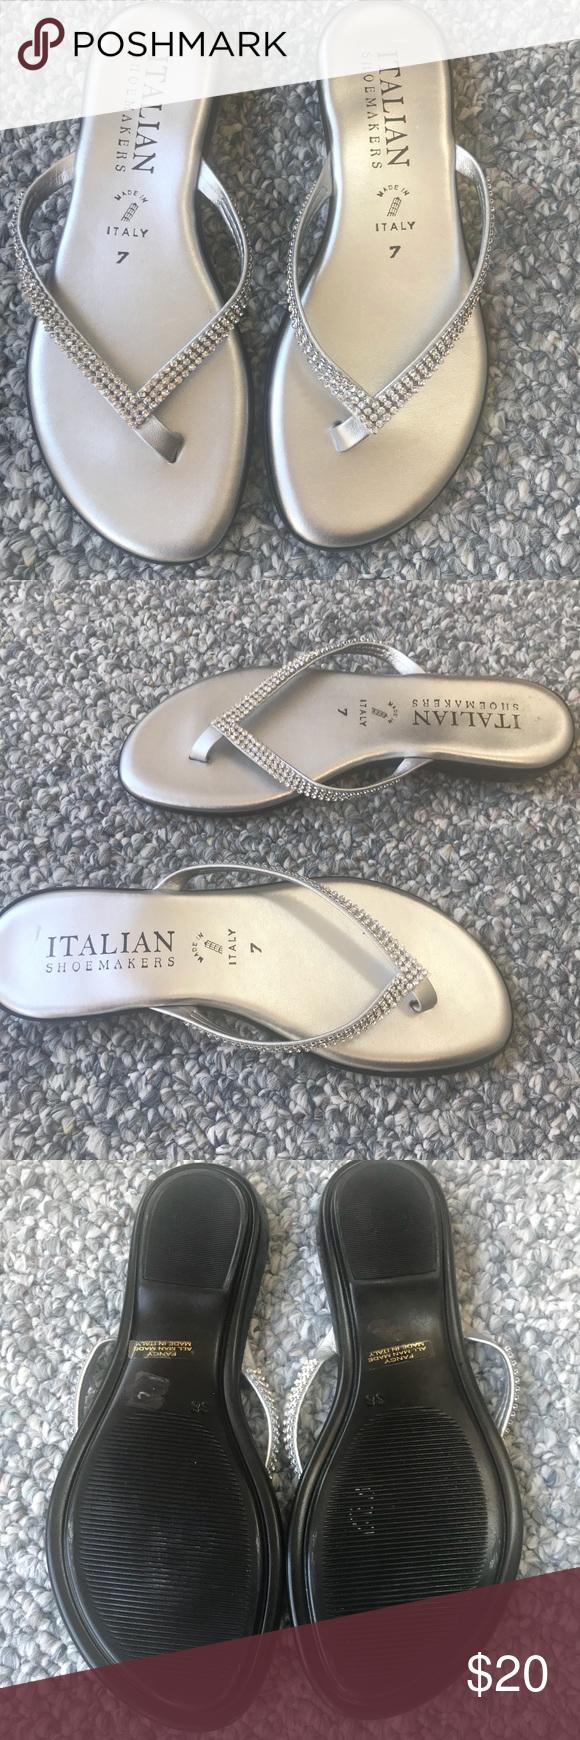 4ec7d9fa1 Italian Shoemakers Fancy Silver Sandal Size 7 Beautiful ...like new.